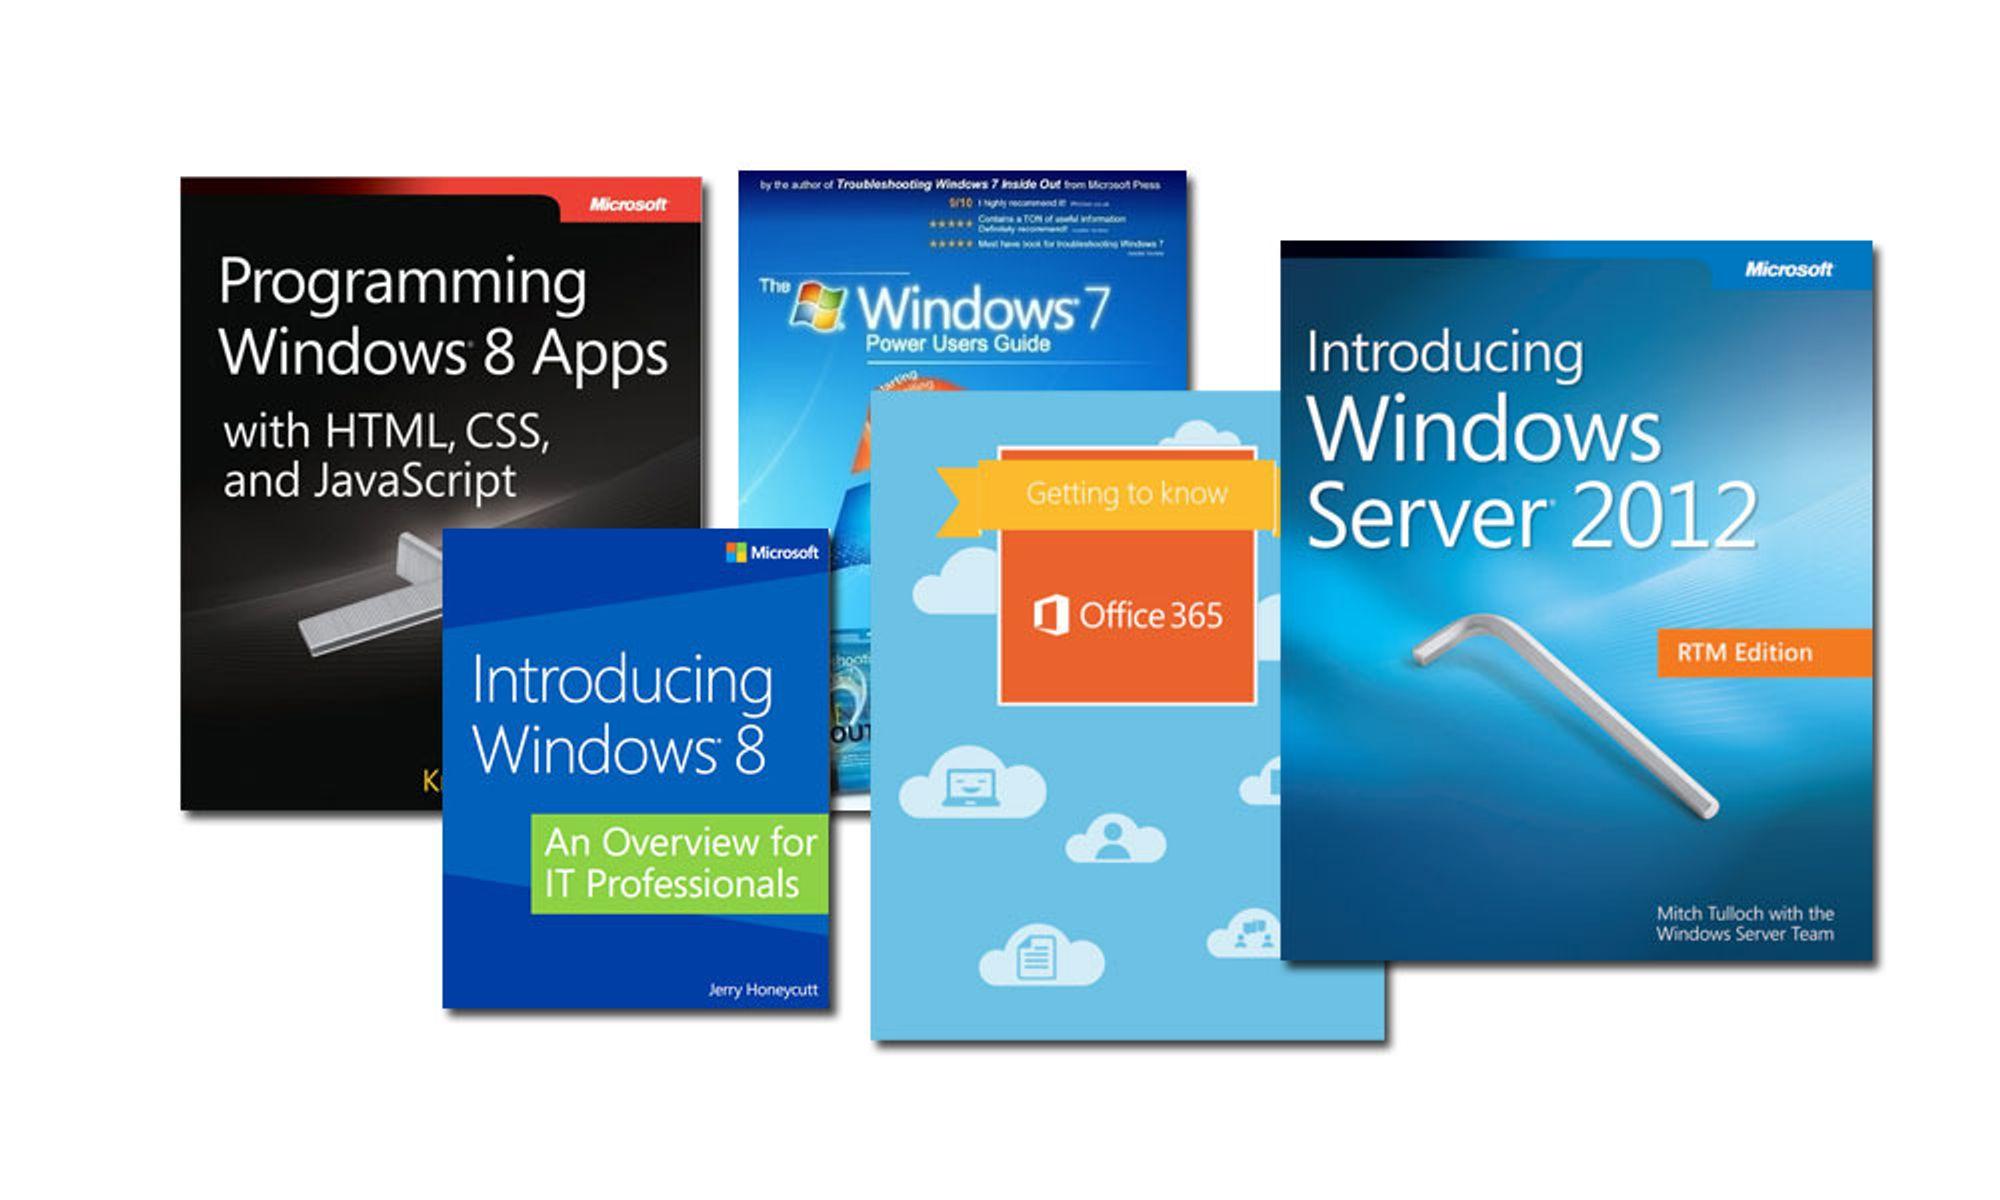 Blant e-bøkene som kan lastes ned gratis fra Microsoft er blant annet en programmeringsguide for Windows 8-apper på mer enn 800 sider.